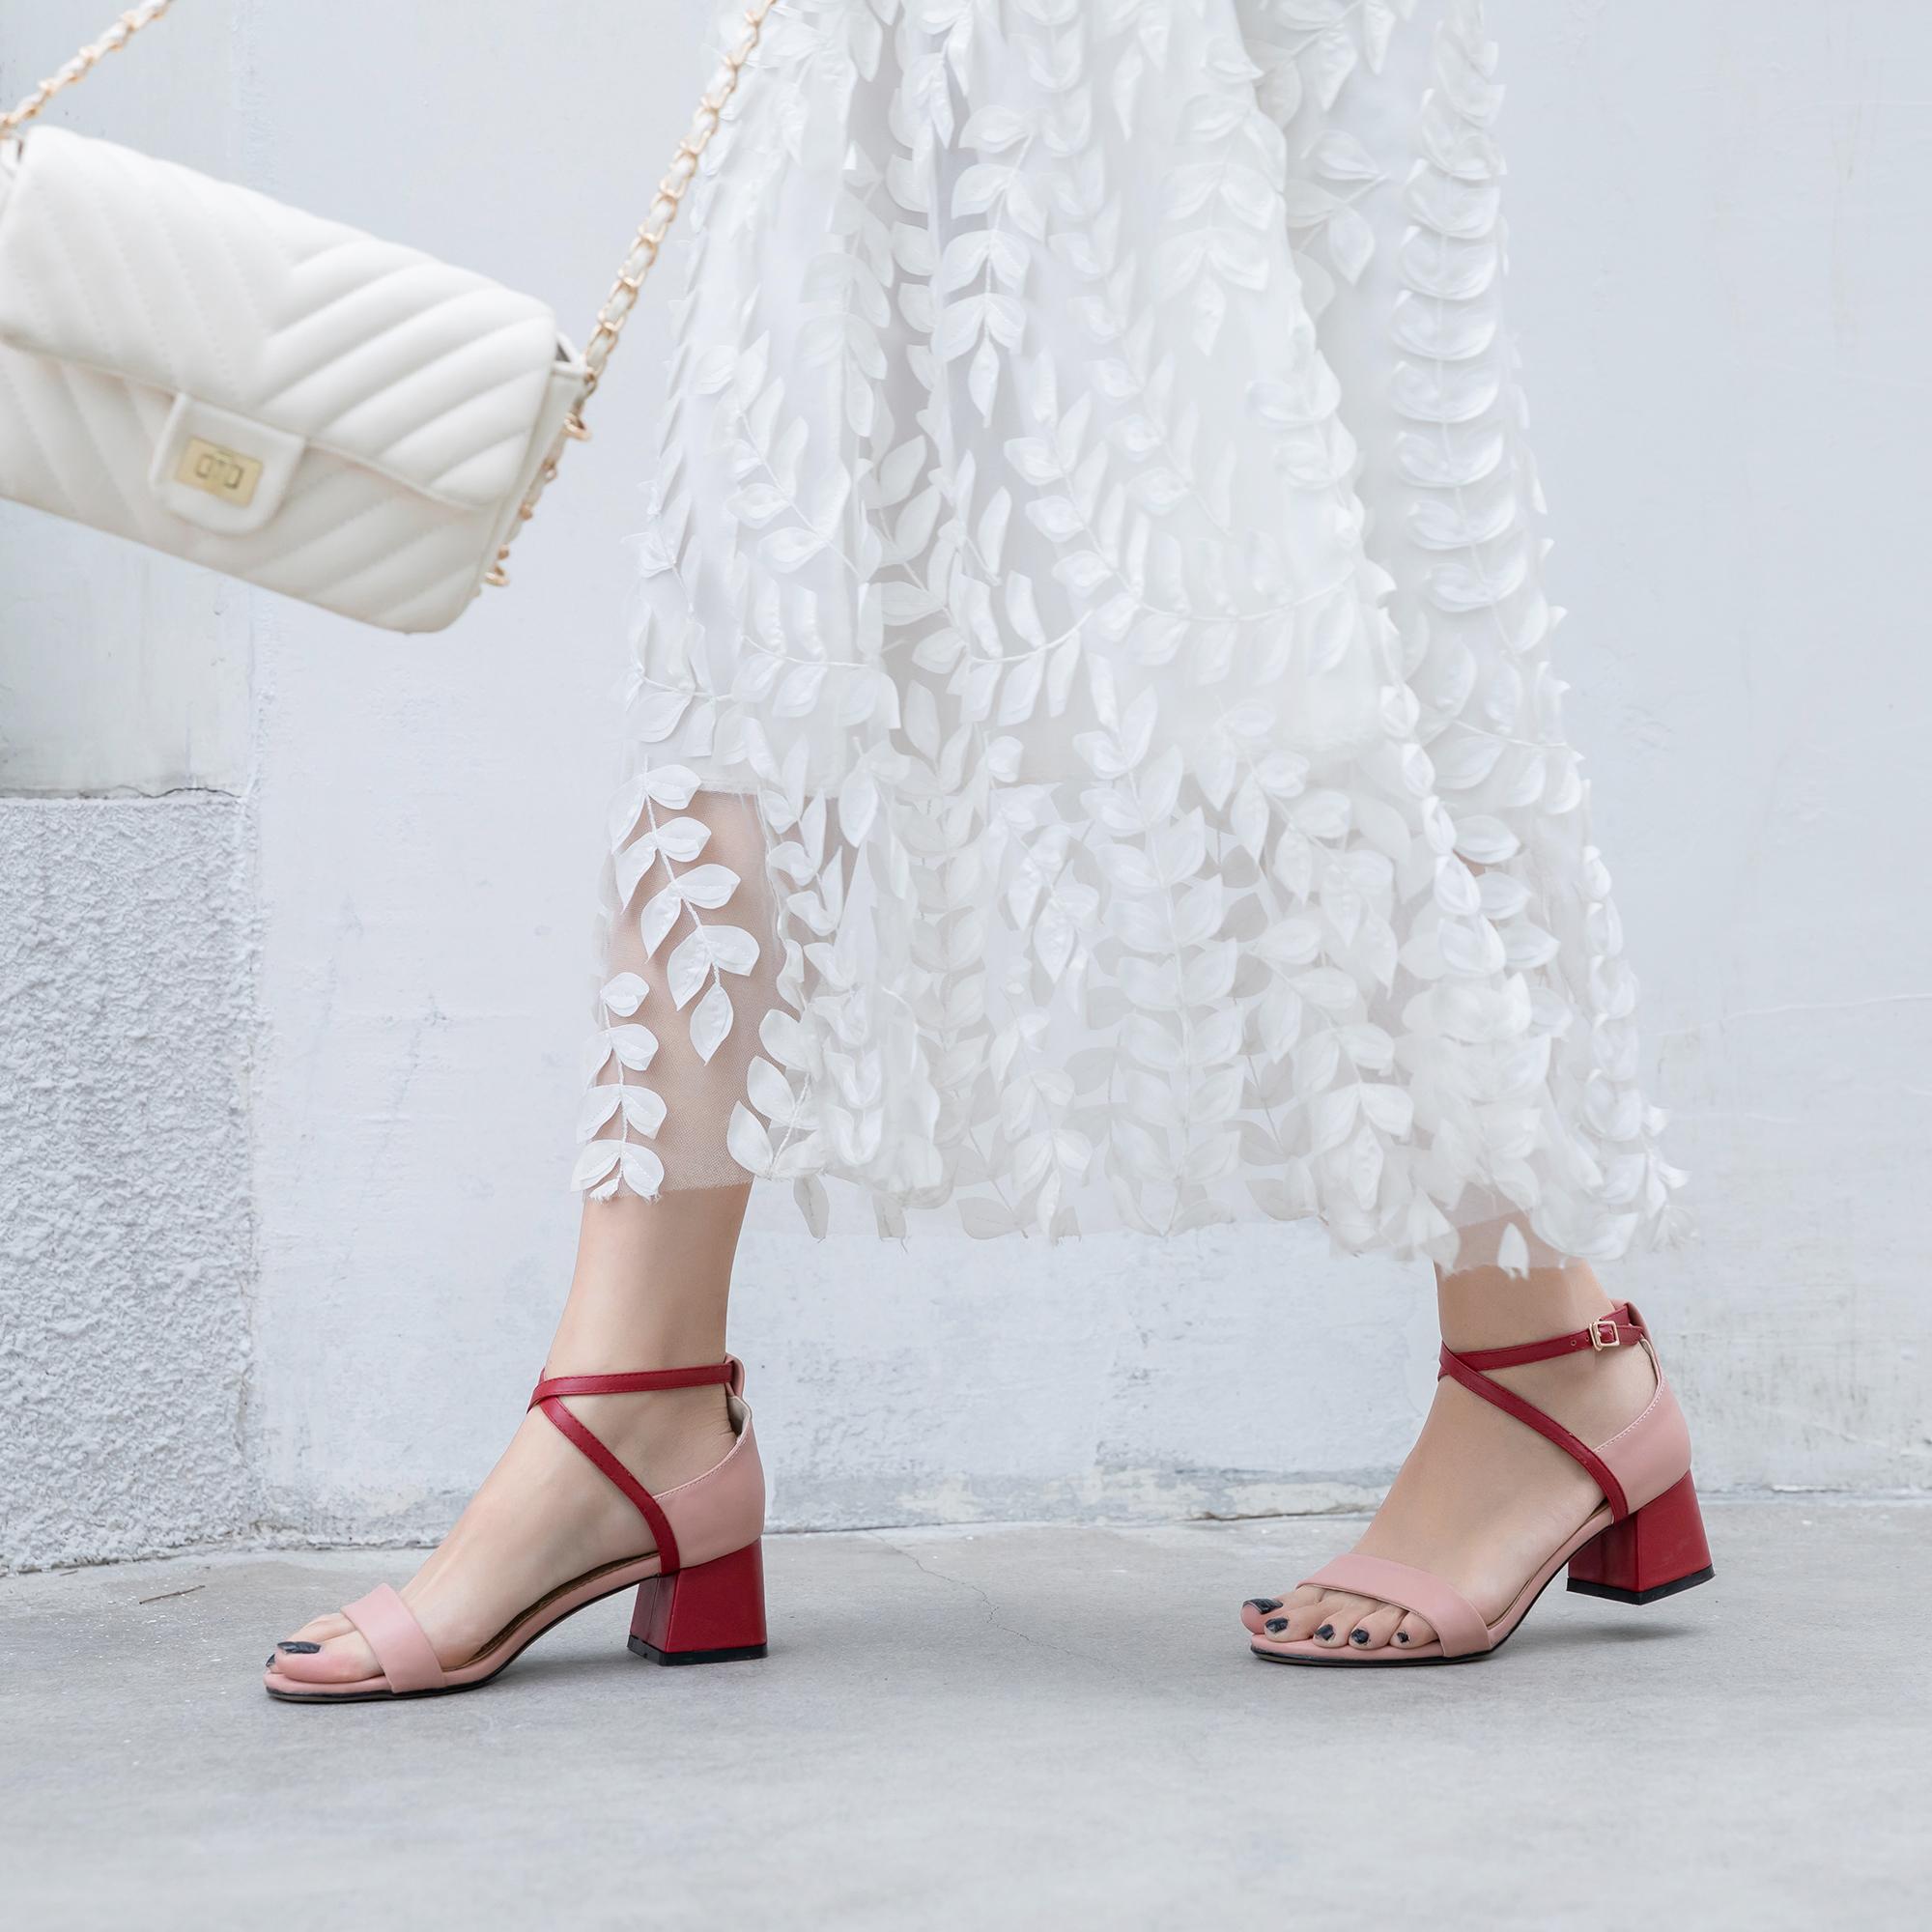 2019夏季新款绑带粗跟中跟韩版简约百搭一字扣带仙女高跟大码凉鞋